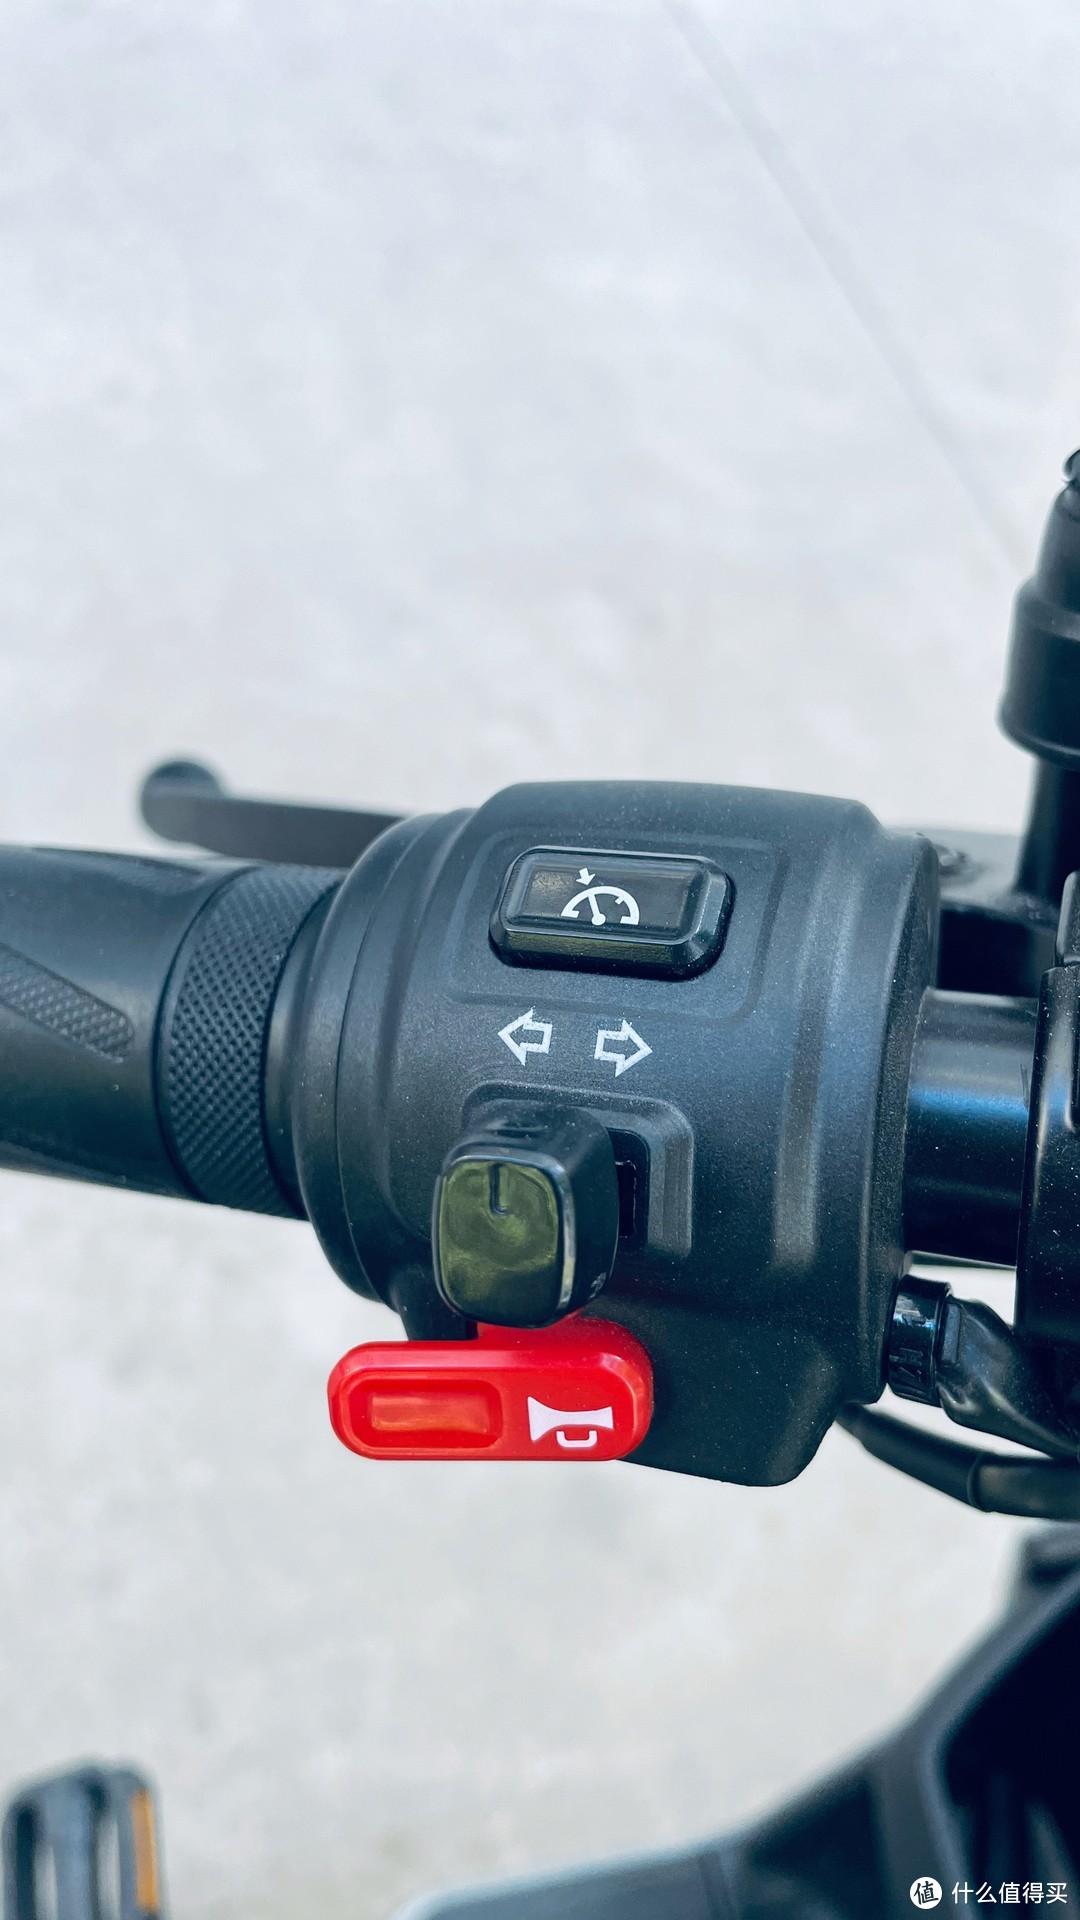 左车把按钮, 定速巡航, 转向, 喇叭. 这里要说这个缺点, 转向按钮是往两边拨的,拨完自动回正, 但是转向灯没有声音提示, 只有仪表显示, 那么我每次打了转向, 很容易忘了关, 要么勤看仪表, 要么勤看灯, 低头看影响安全性了. 希望小牛要么加个声音, 要么改成不自动回弹的按钮.